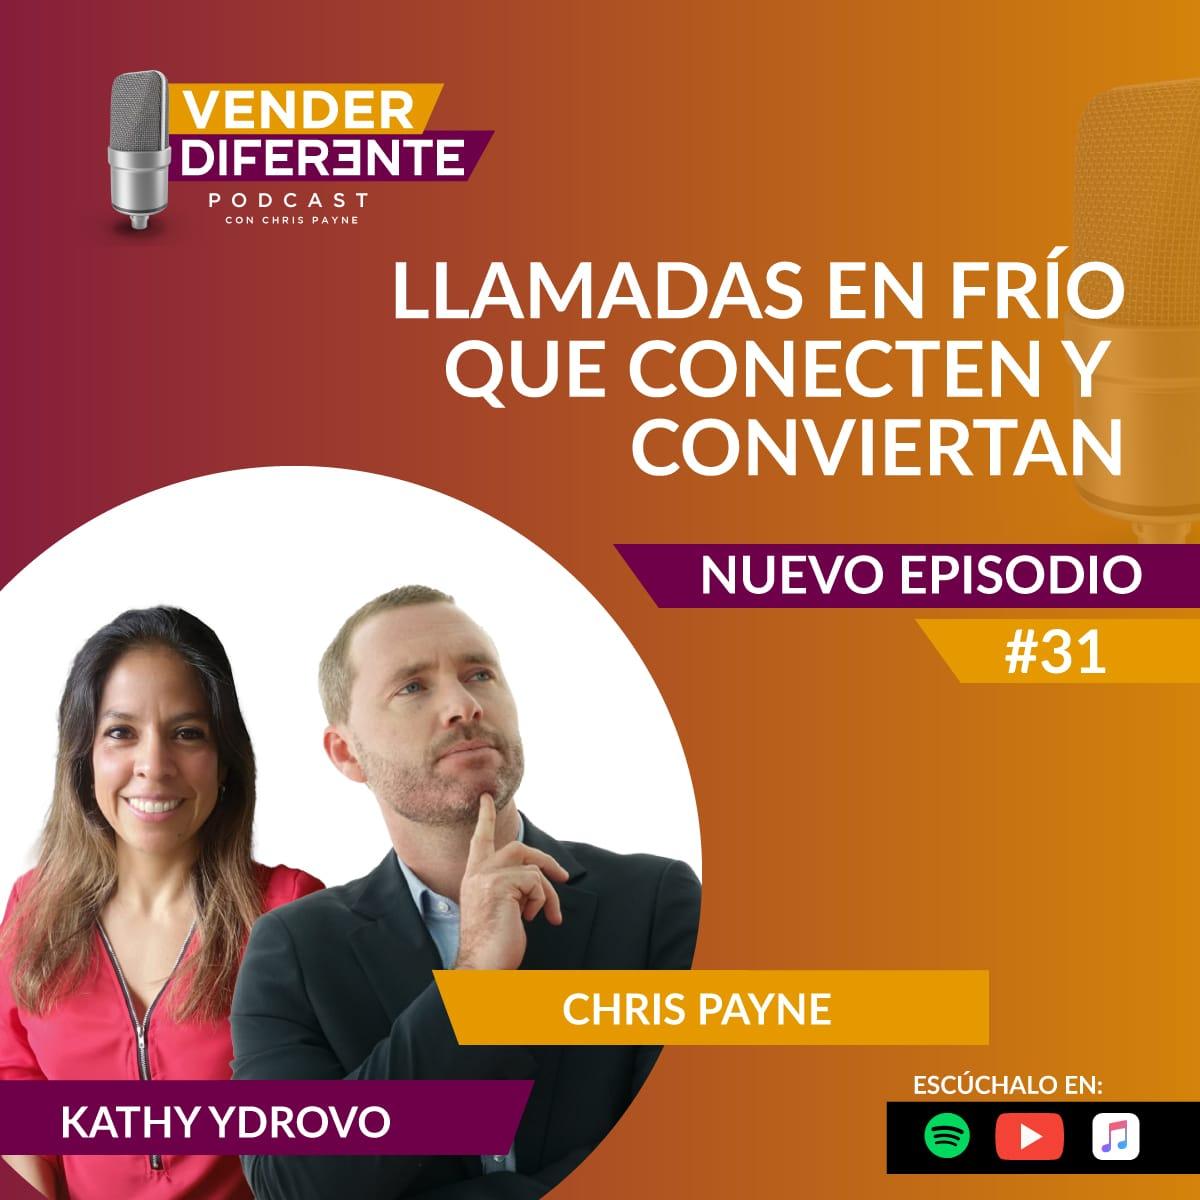 Episodio #031 – Llamadas en frío que conecten y conviertan con Kathy Ydrovo